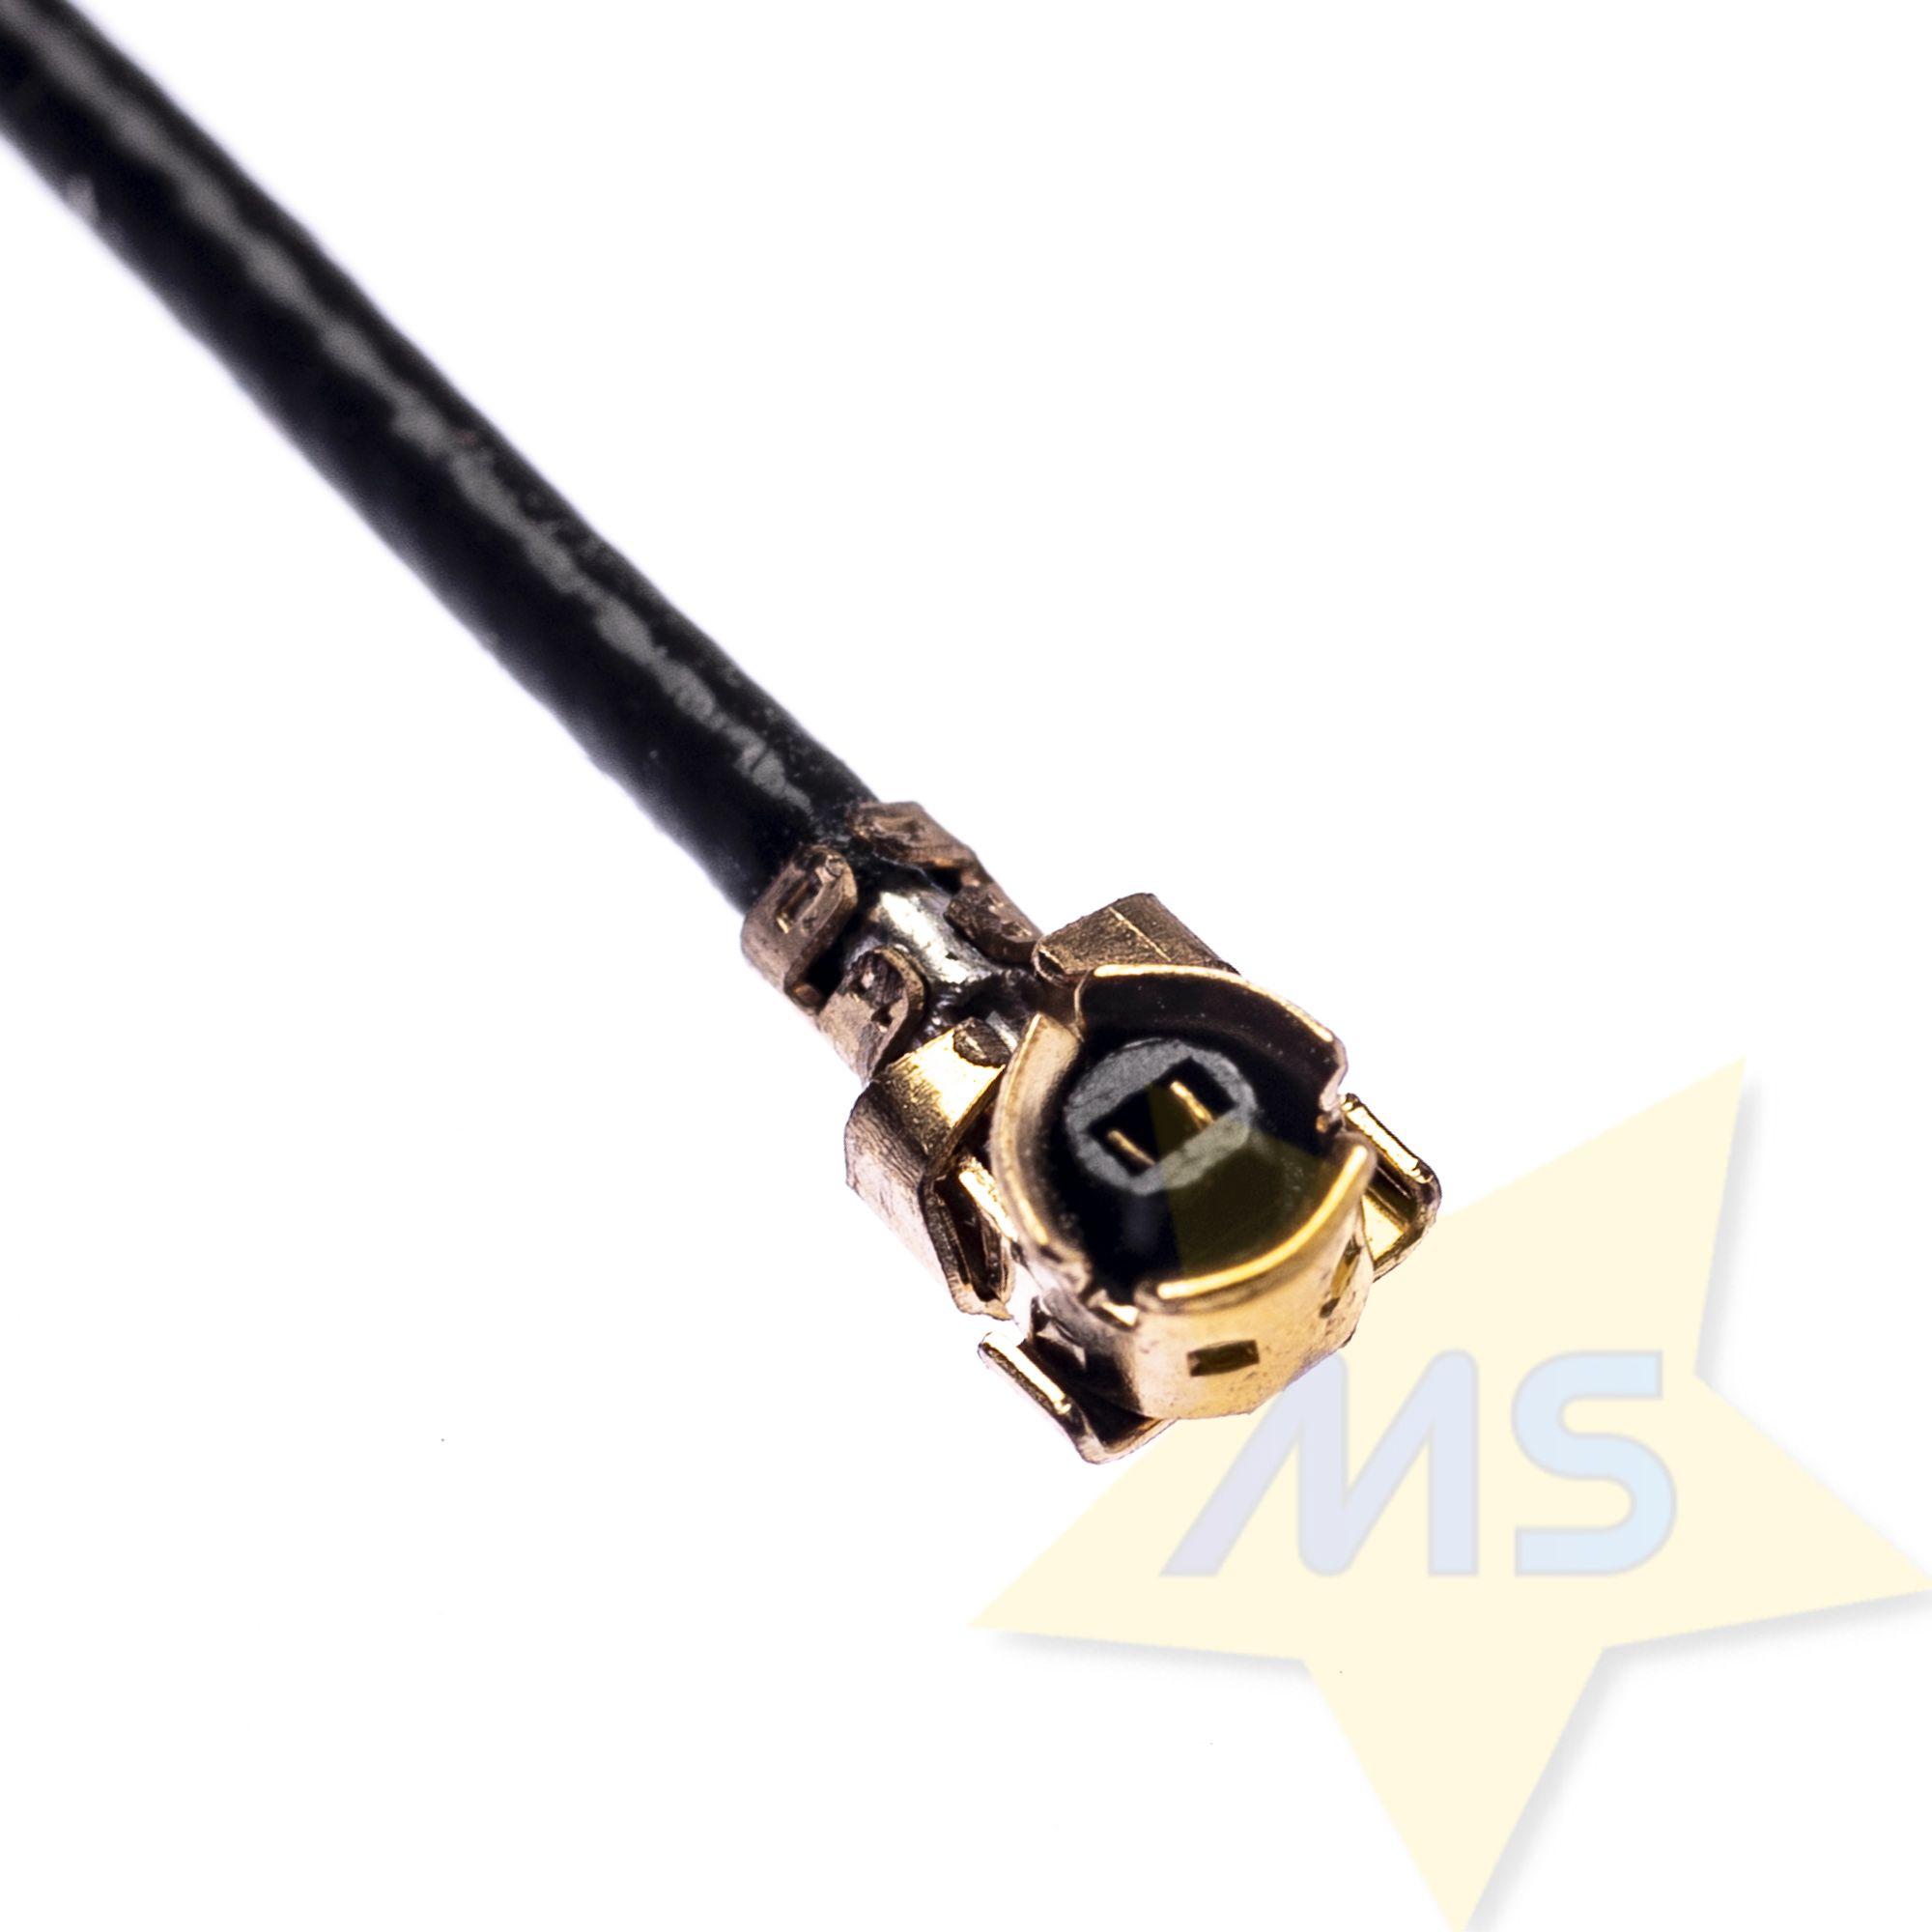 Antena WiFi 2.4 GHz 5dBi SMA Macho + Cabo Pigtail